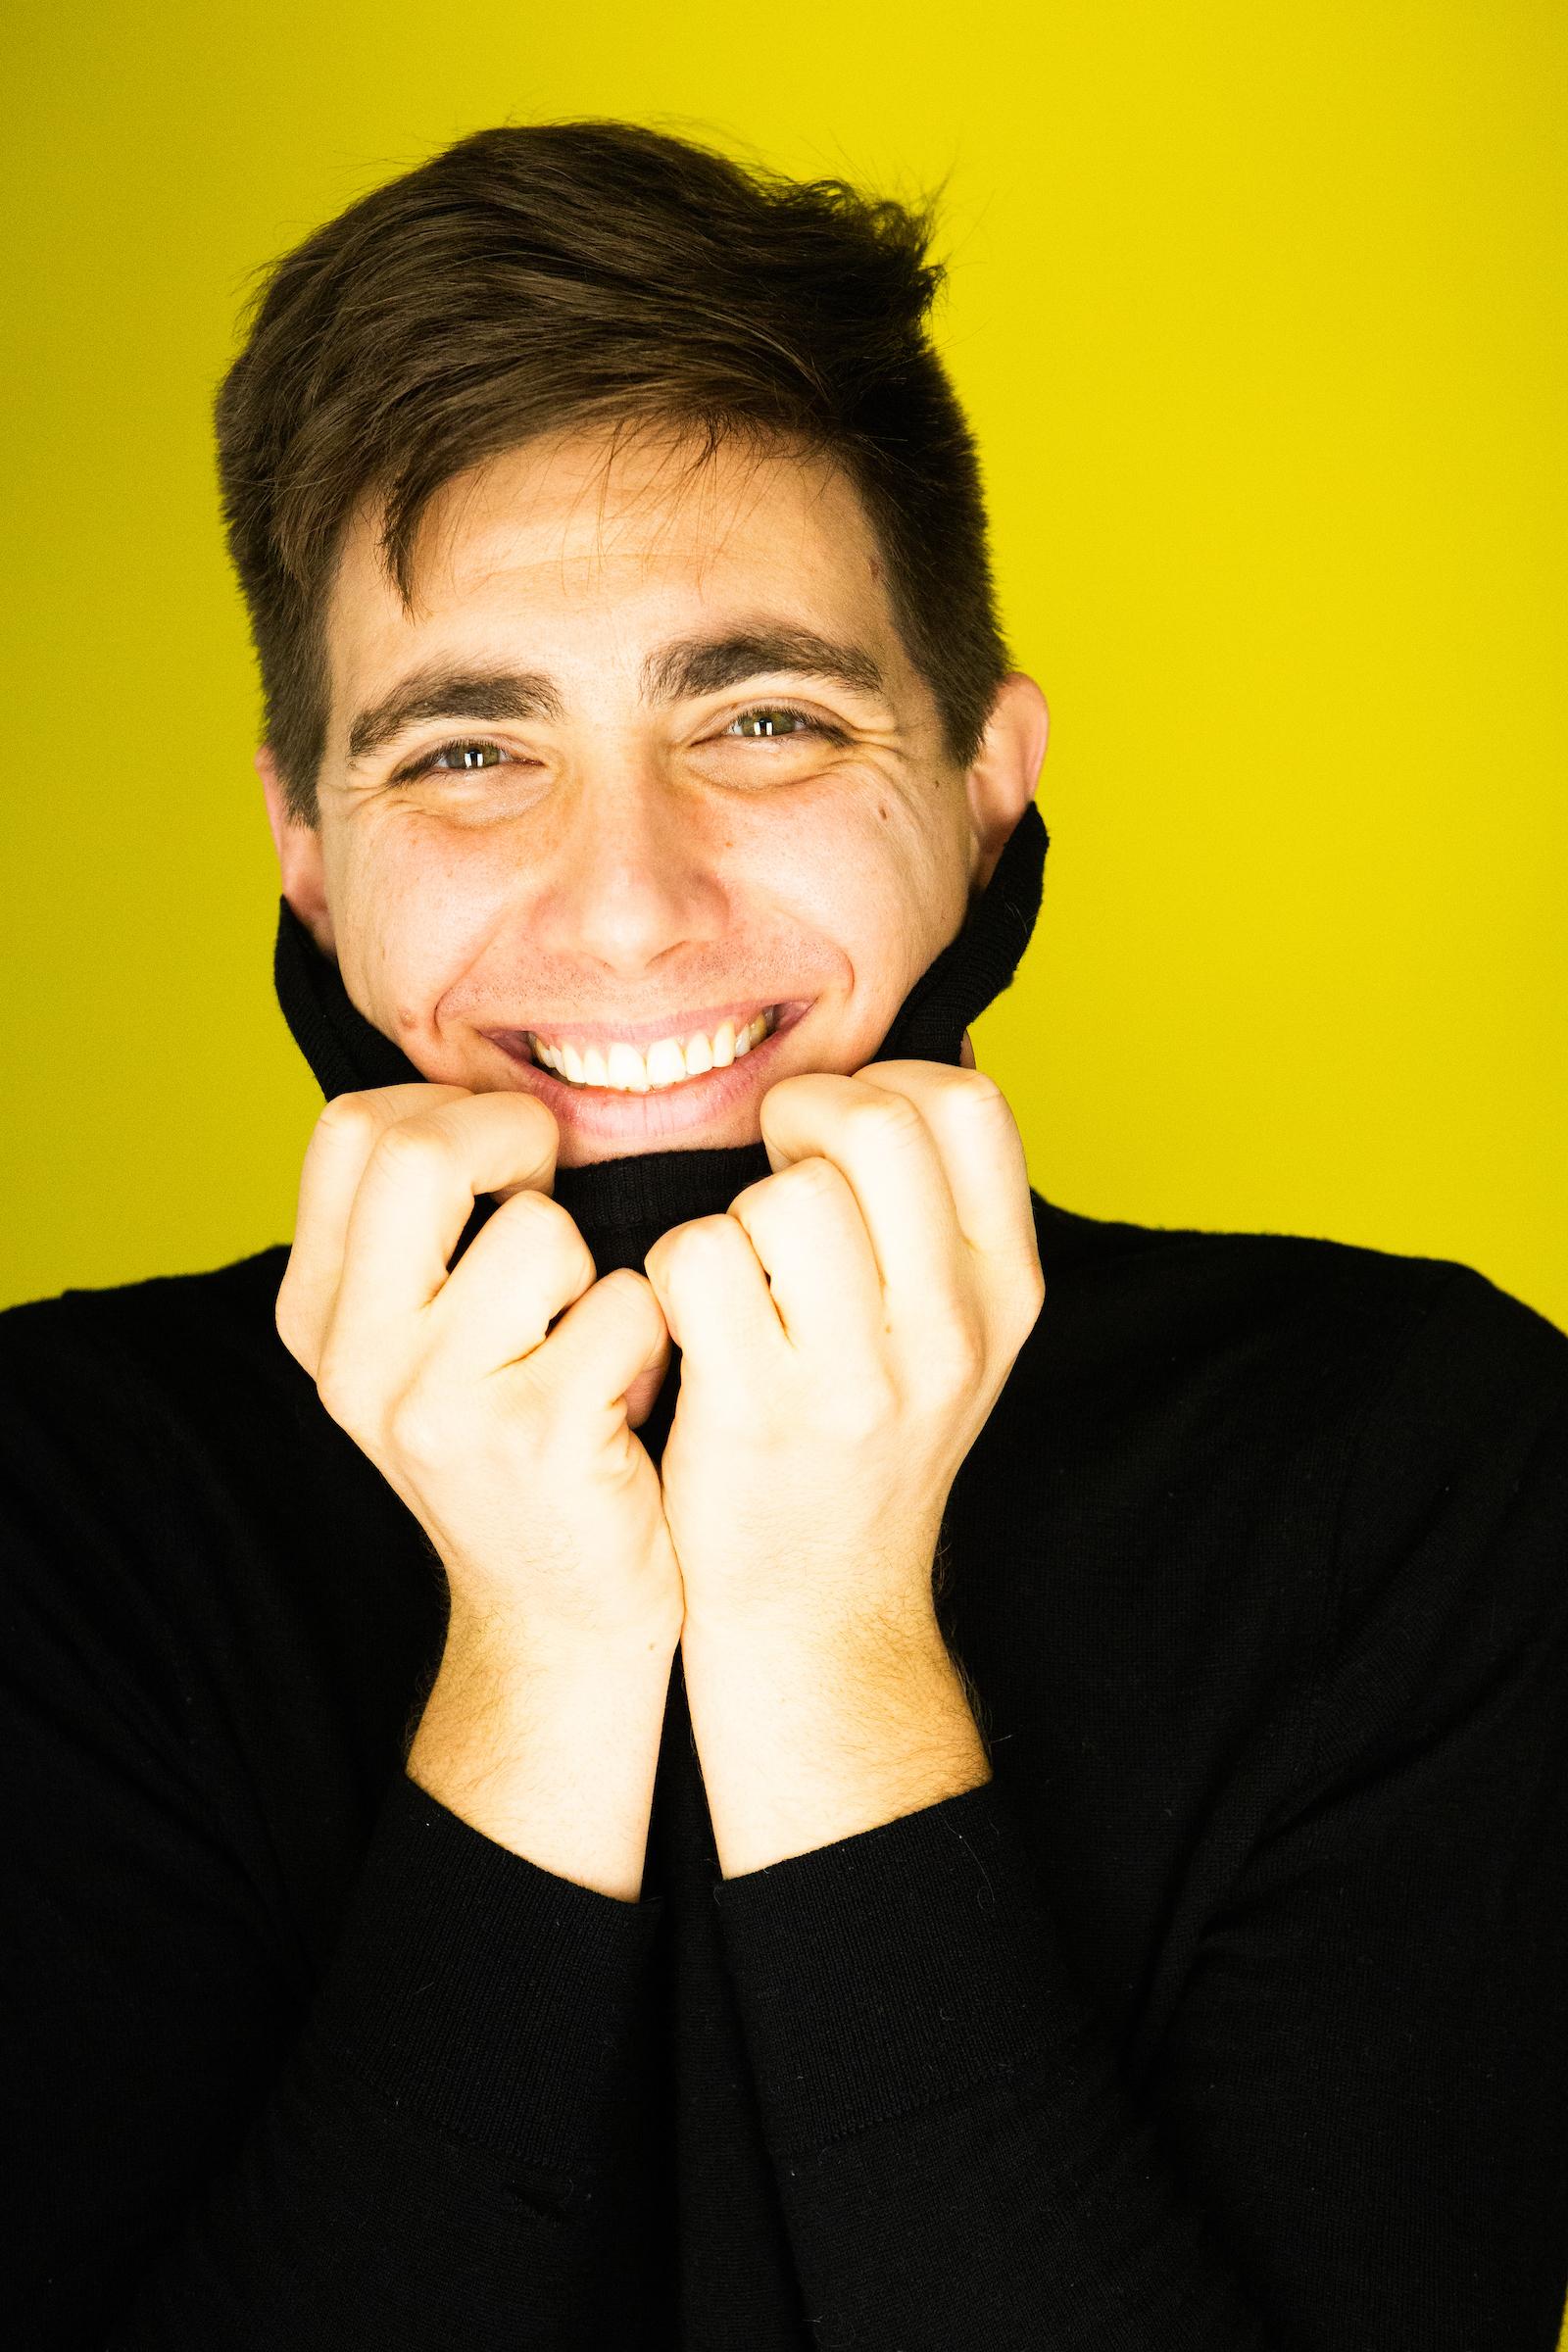 Smile headshot smaller file.jpg